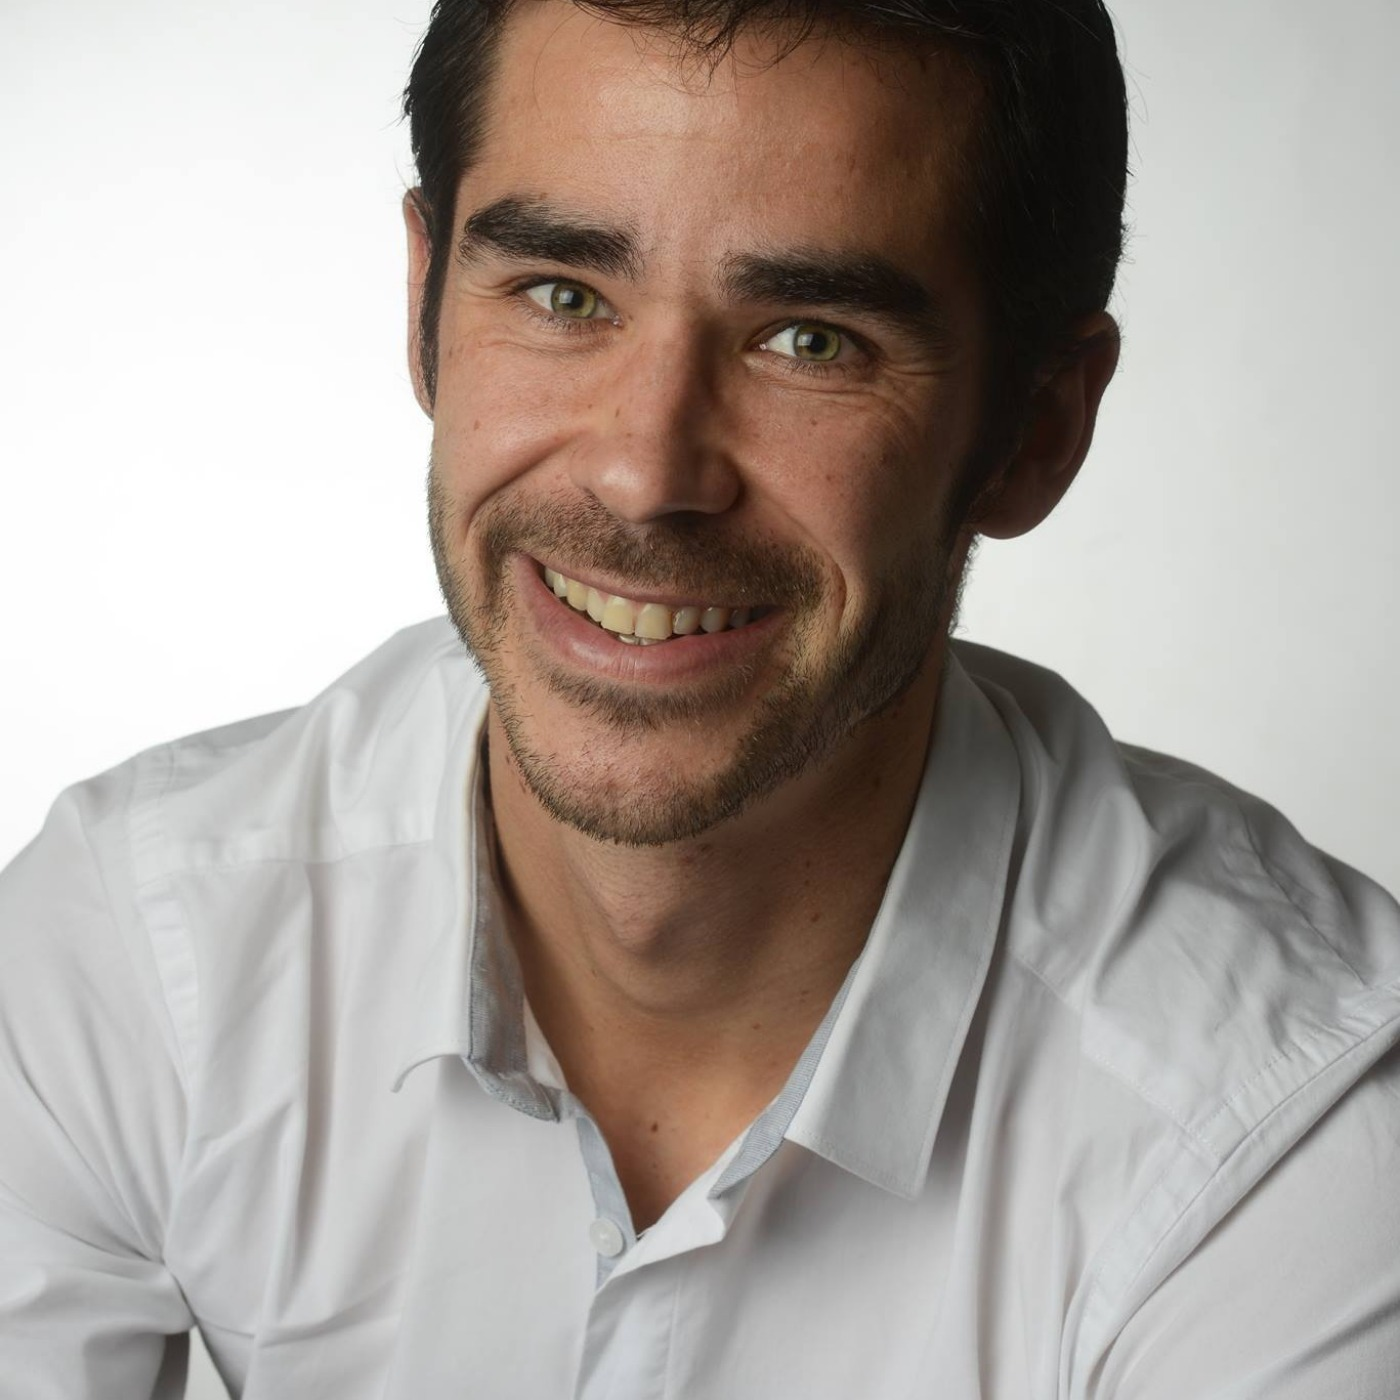 Épisode #14 - Anthony Berthou : L'impact de la micro-nutrition sur notre santé (et du microbiote !), les bons aliments, les bonnes règles